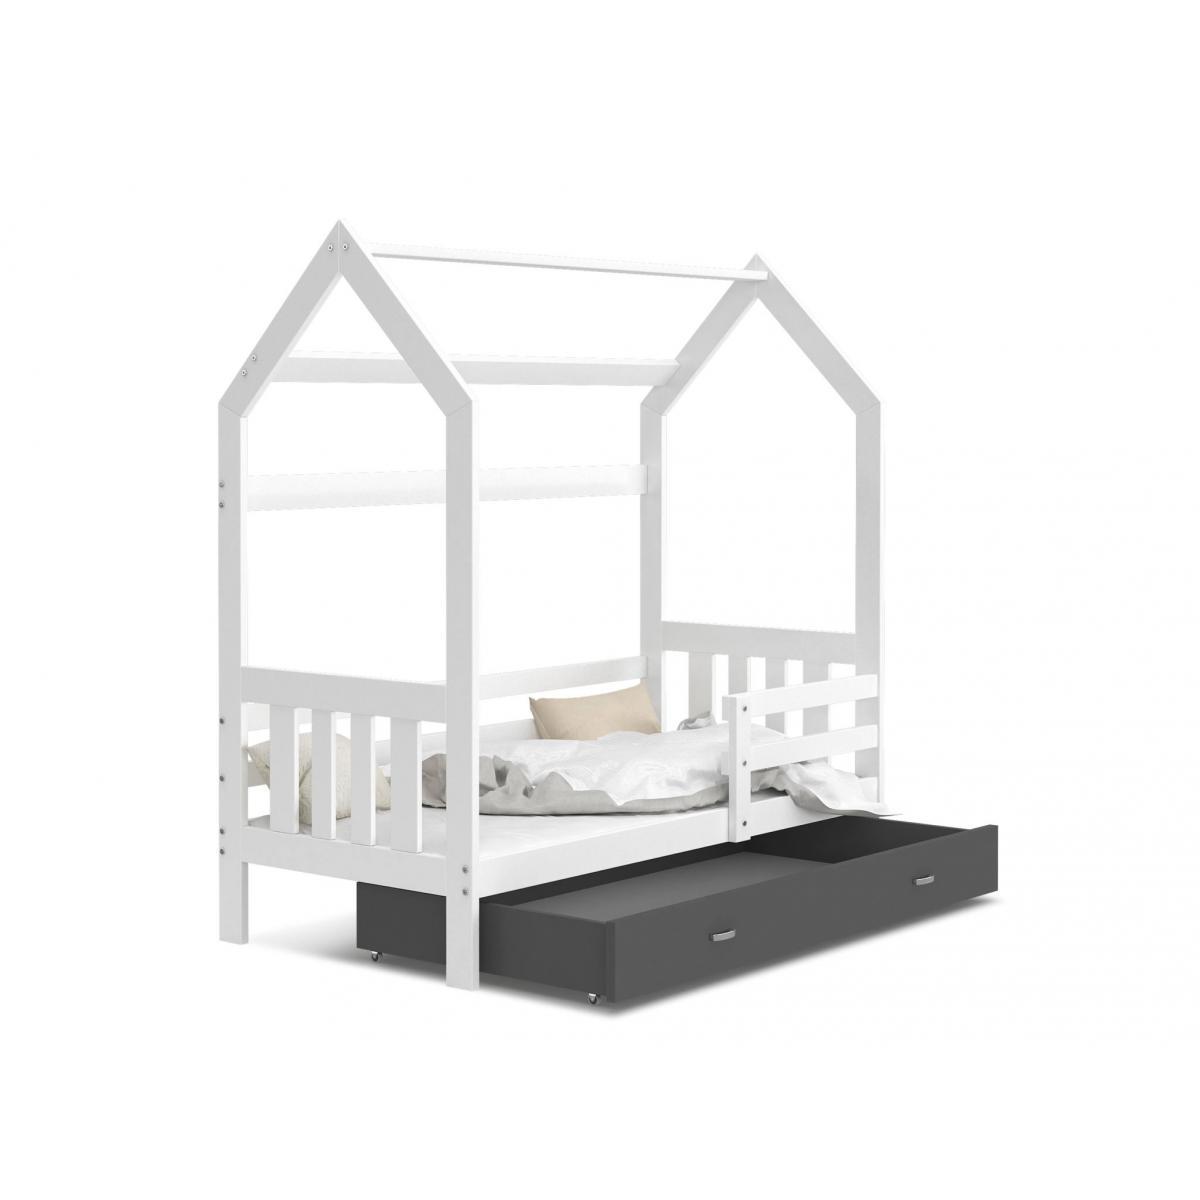 Kids Literie Lit cabane 2 Blanc-Gris 80x160livré avec sommier, tiroir et matelas de 7cm OFFERT.